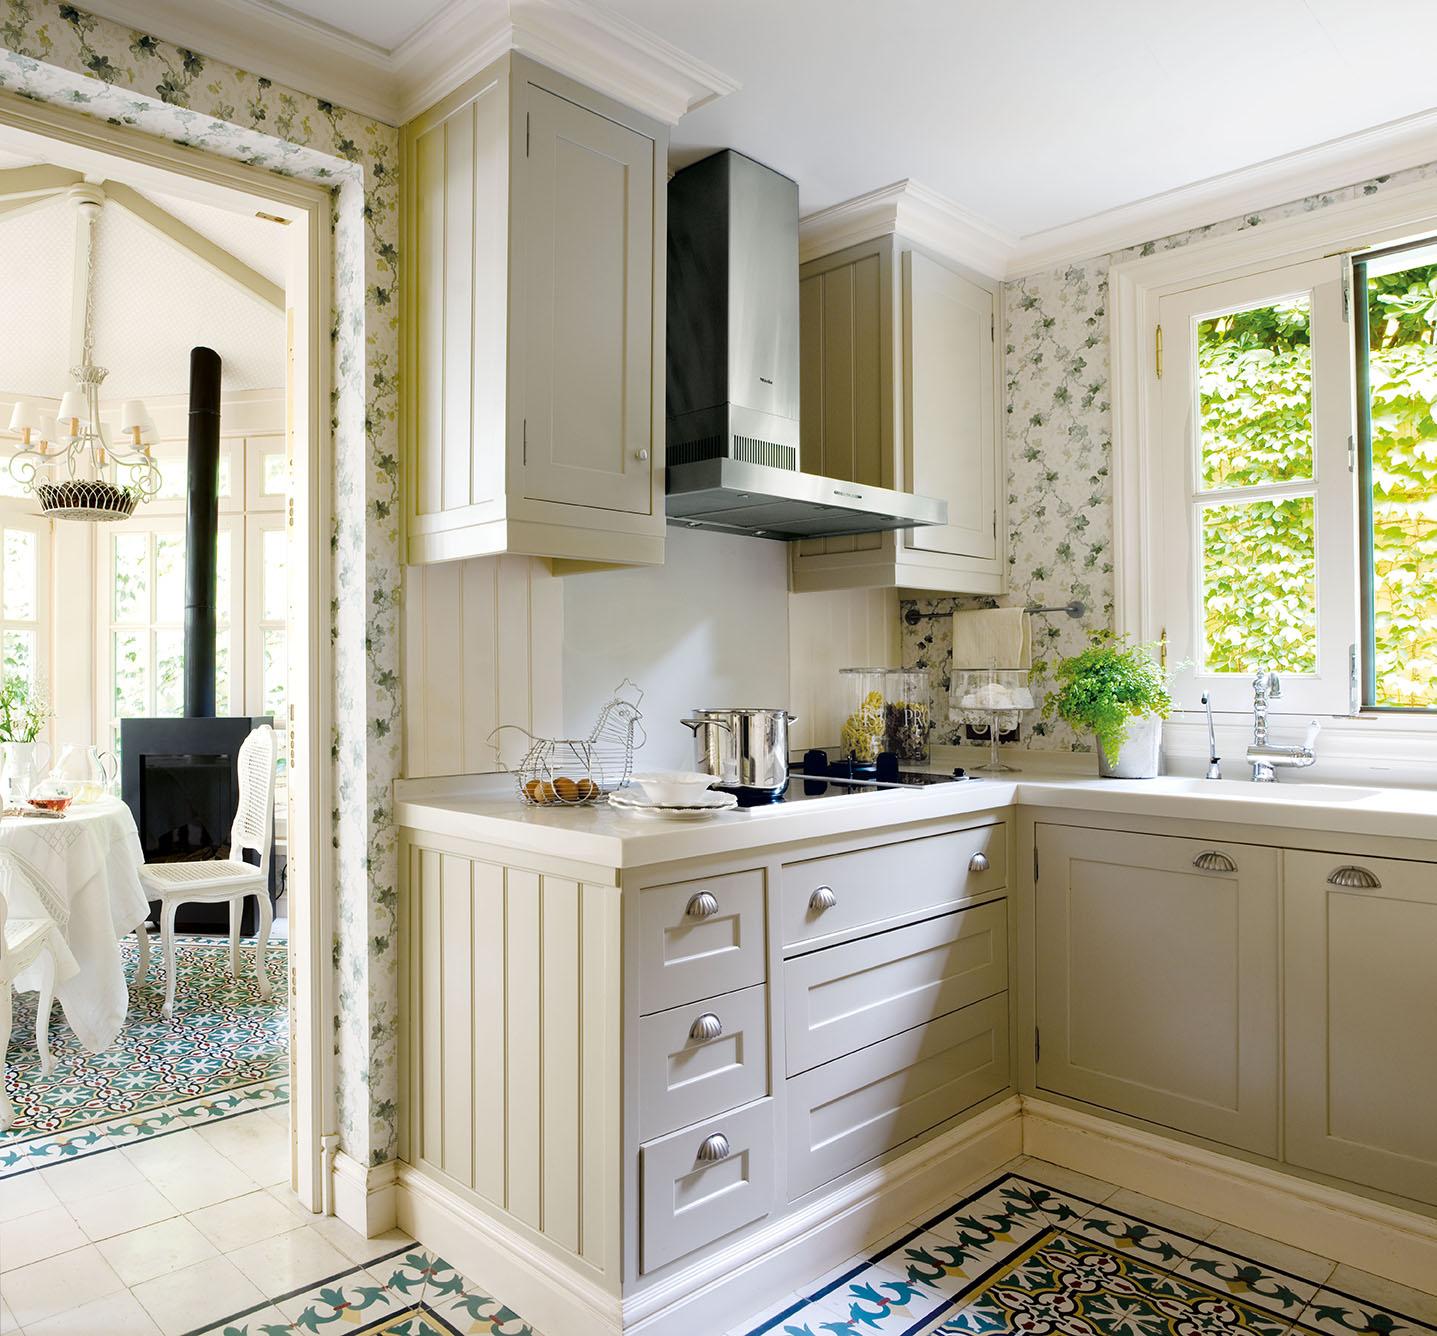 00320817. Cocina con mobiliario de pino en tonos claros y baldosas de varios colores_00320817